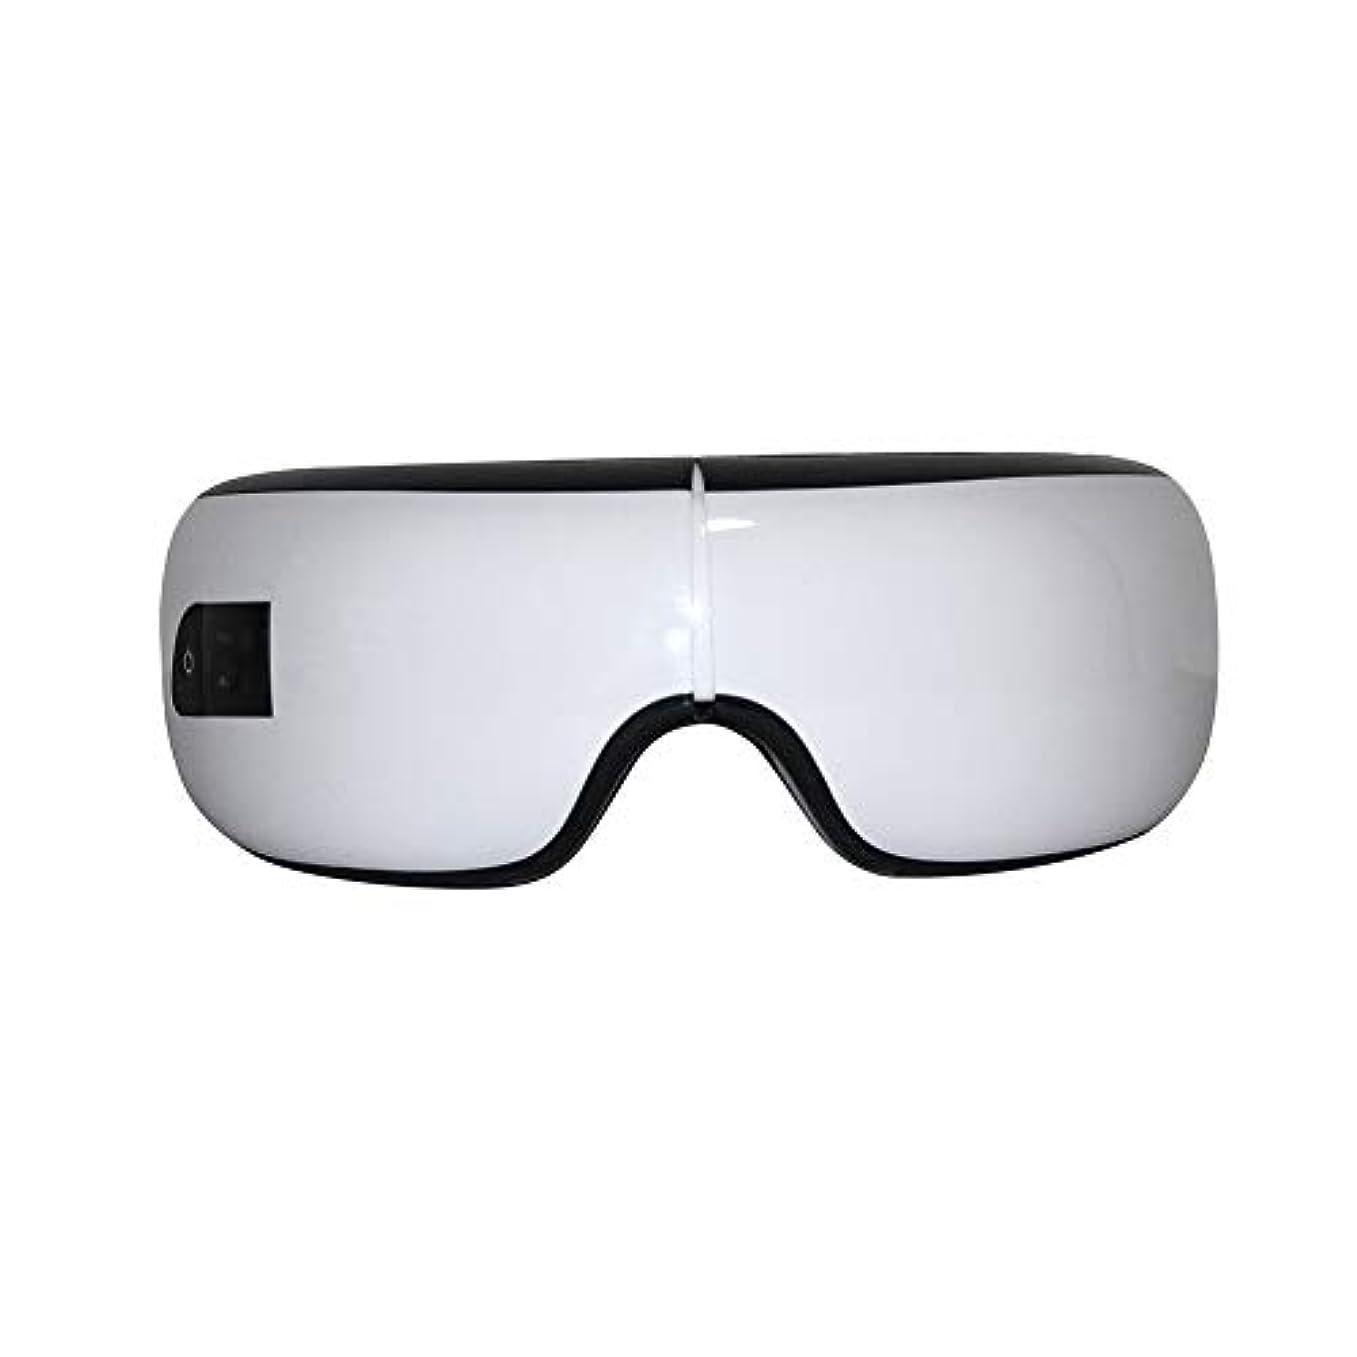 ポテトコロニアル義務電気振動Bluetoothアイマッサージャーアイケアデバイスしわ疲労緩和振動マッサージホットコンプレスセラピーメガネクリスマスギフト